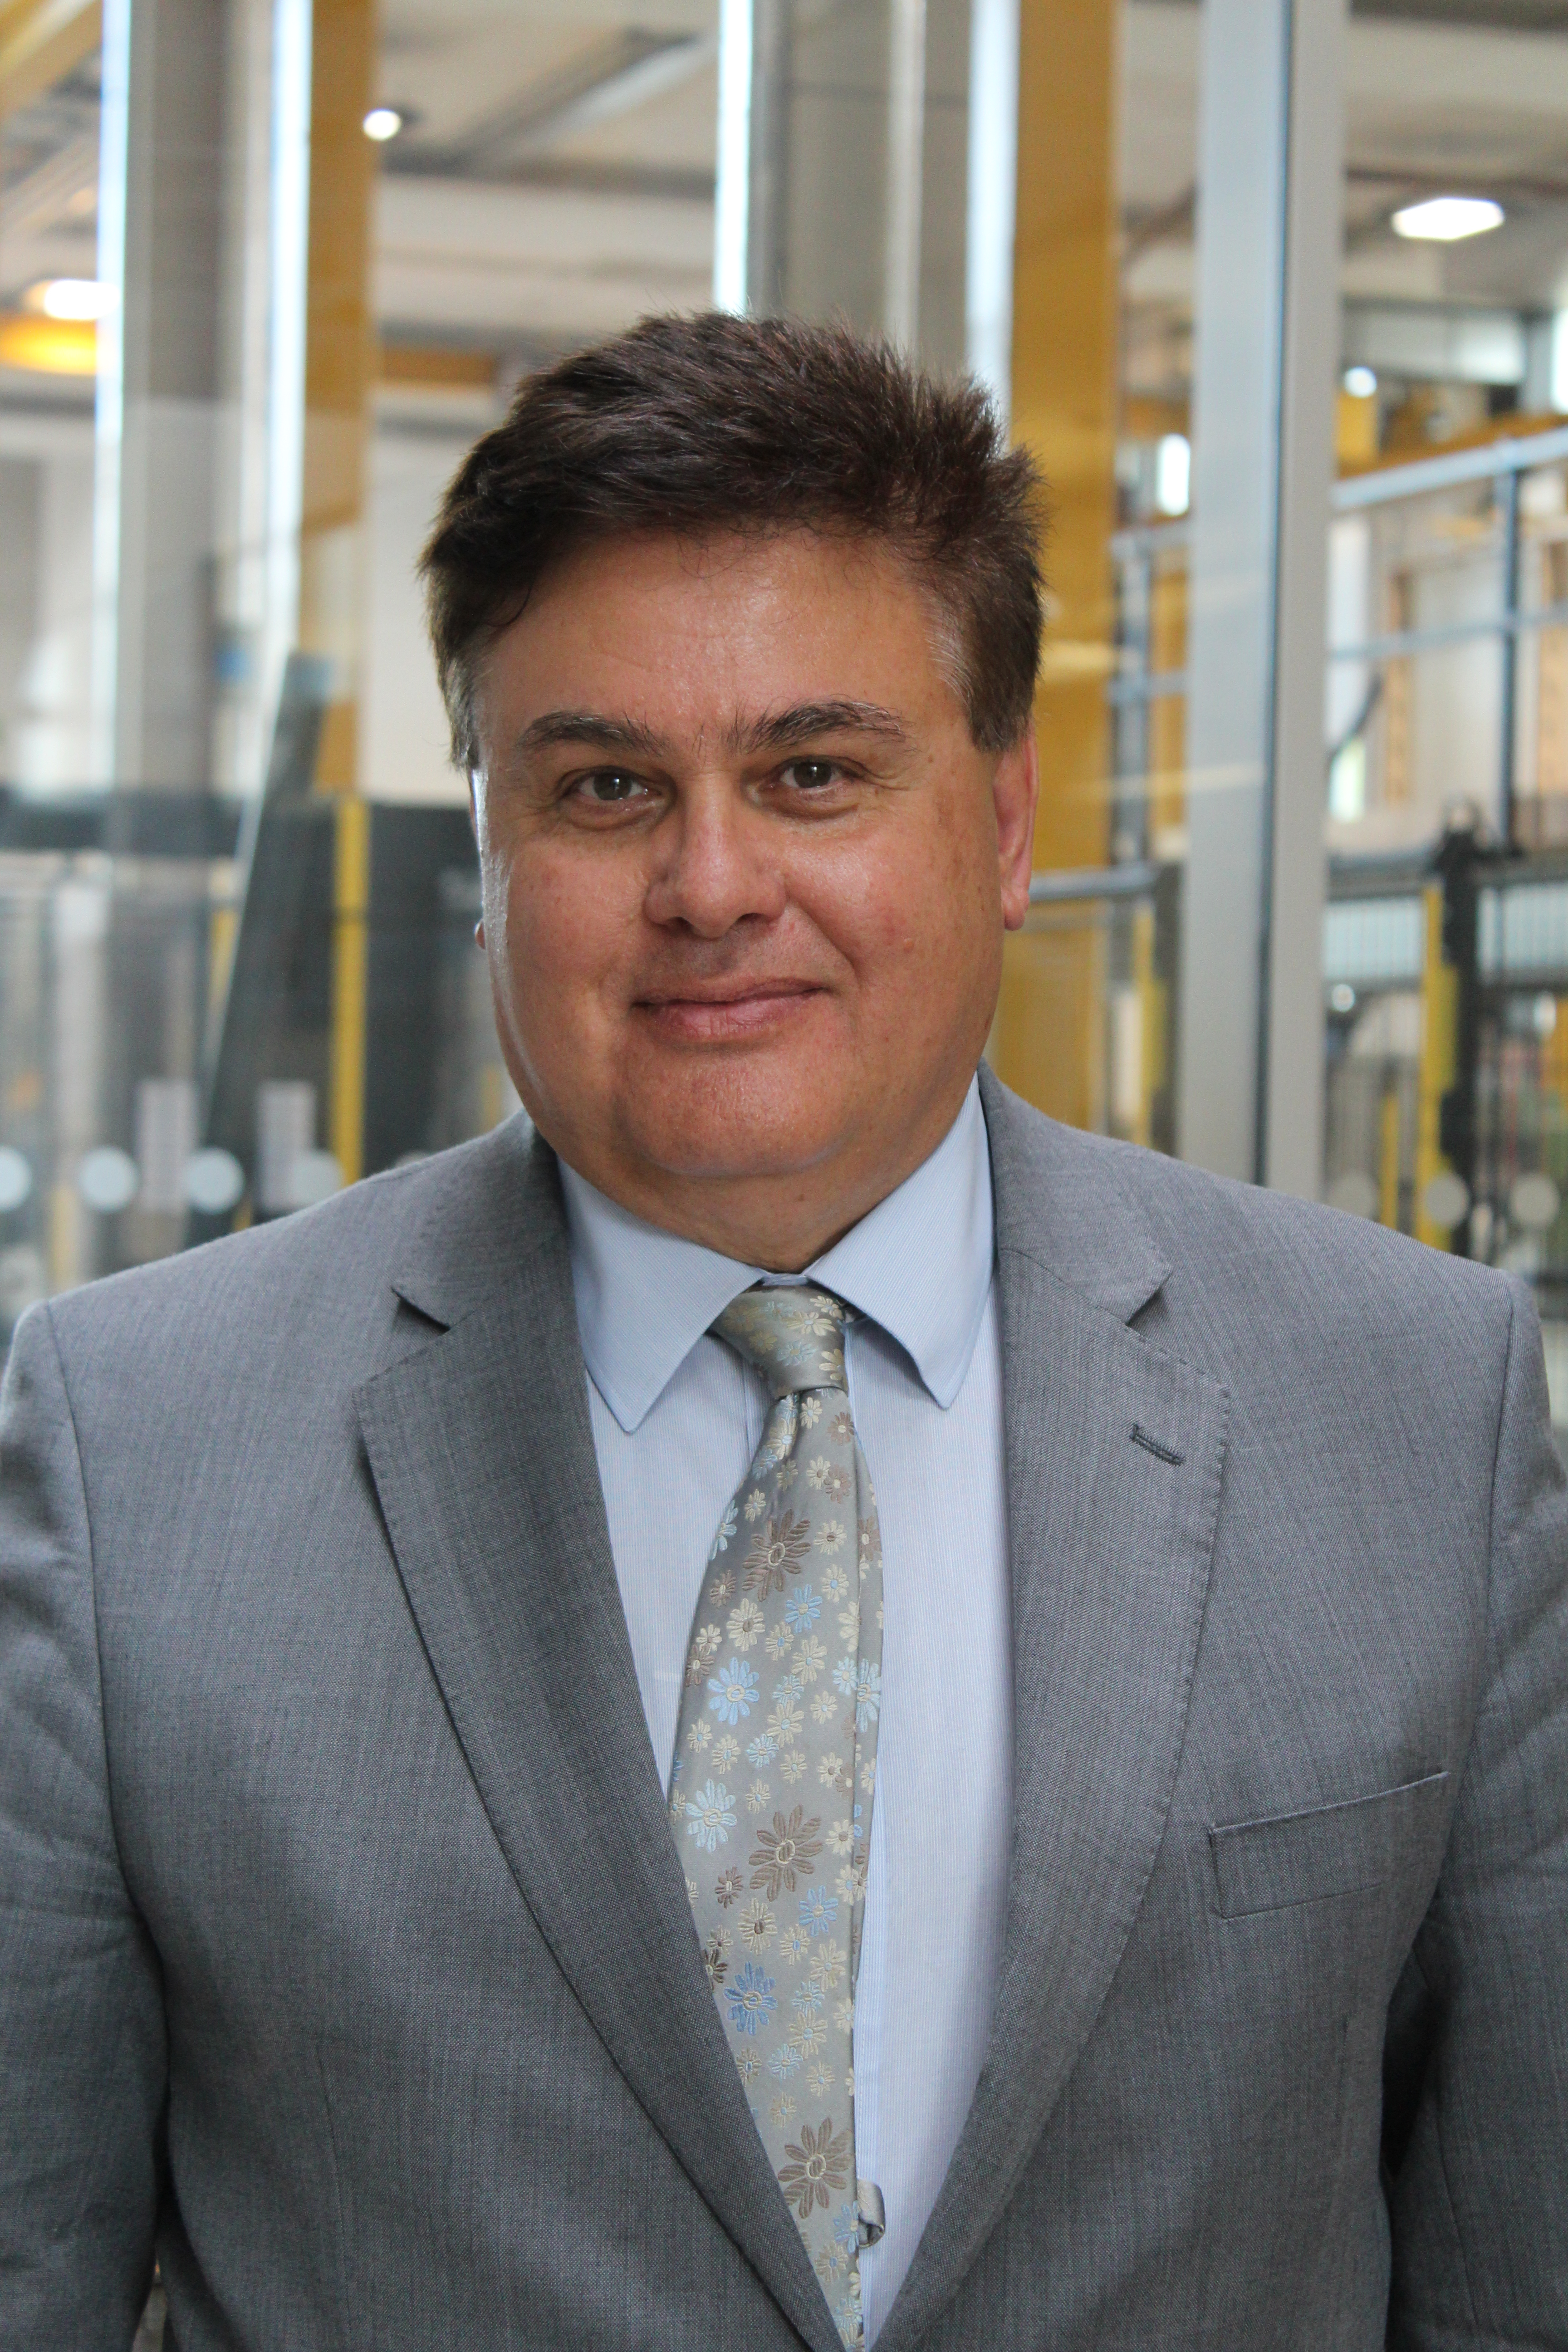 George Aggidis